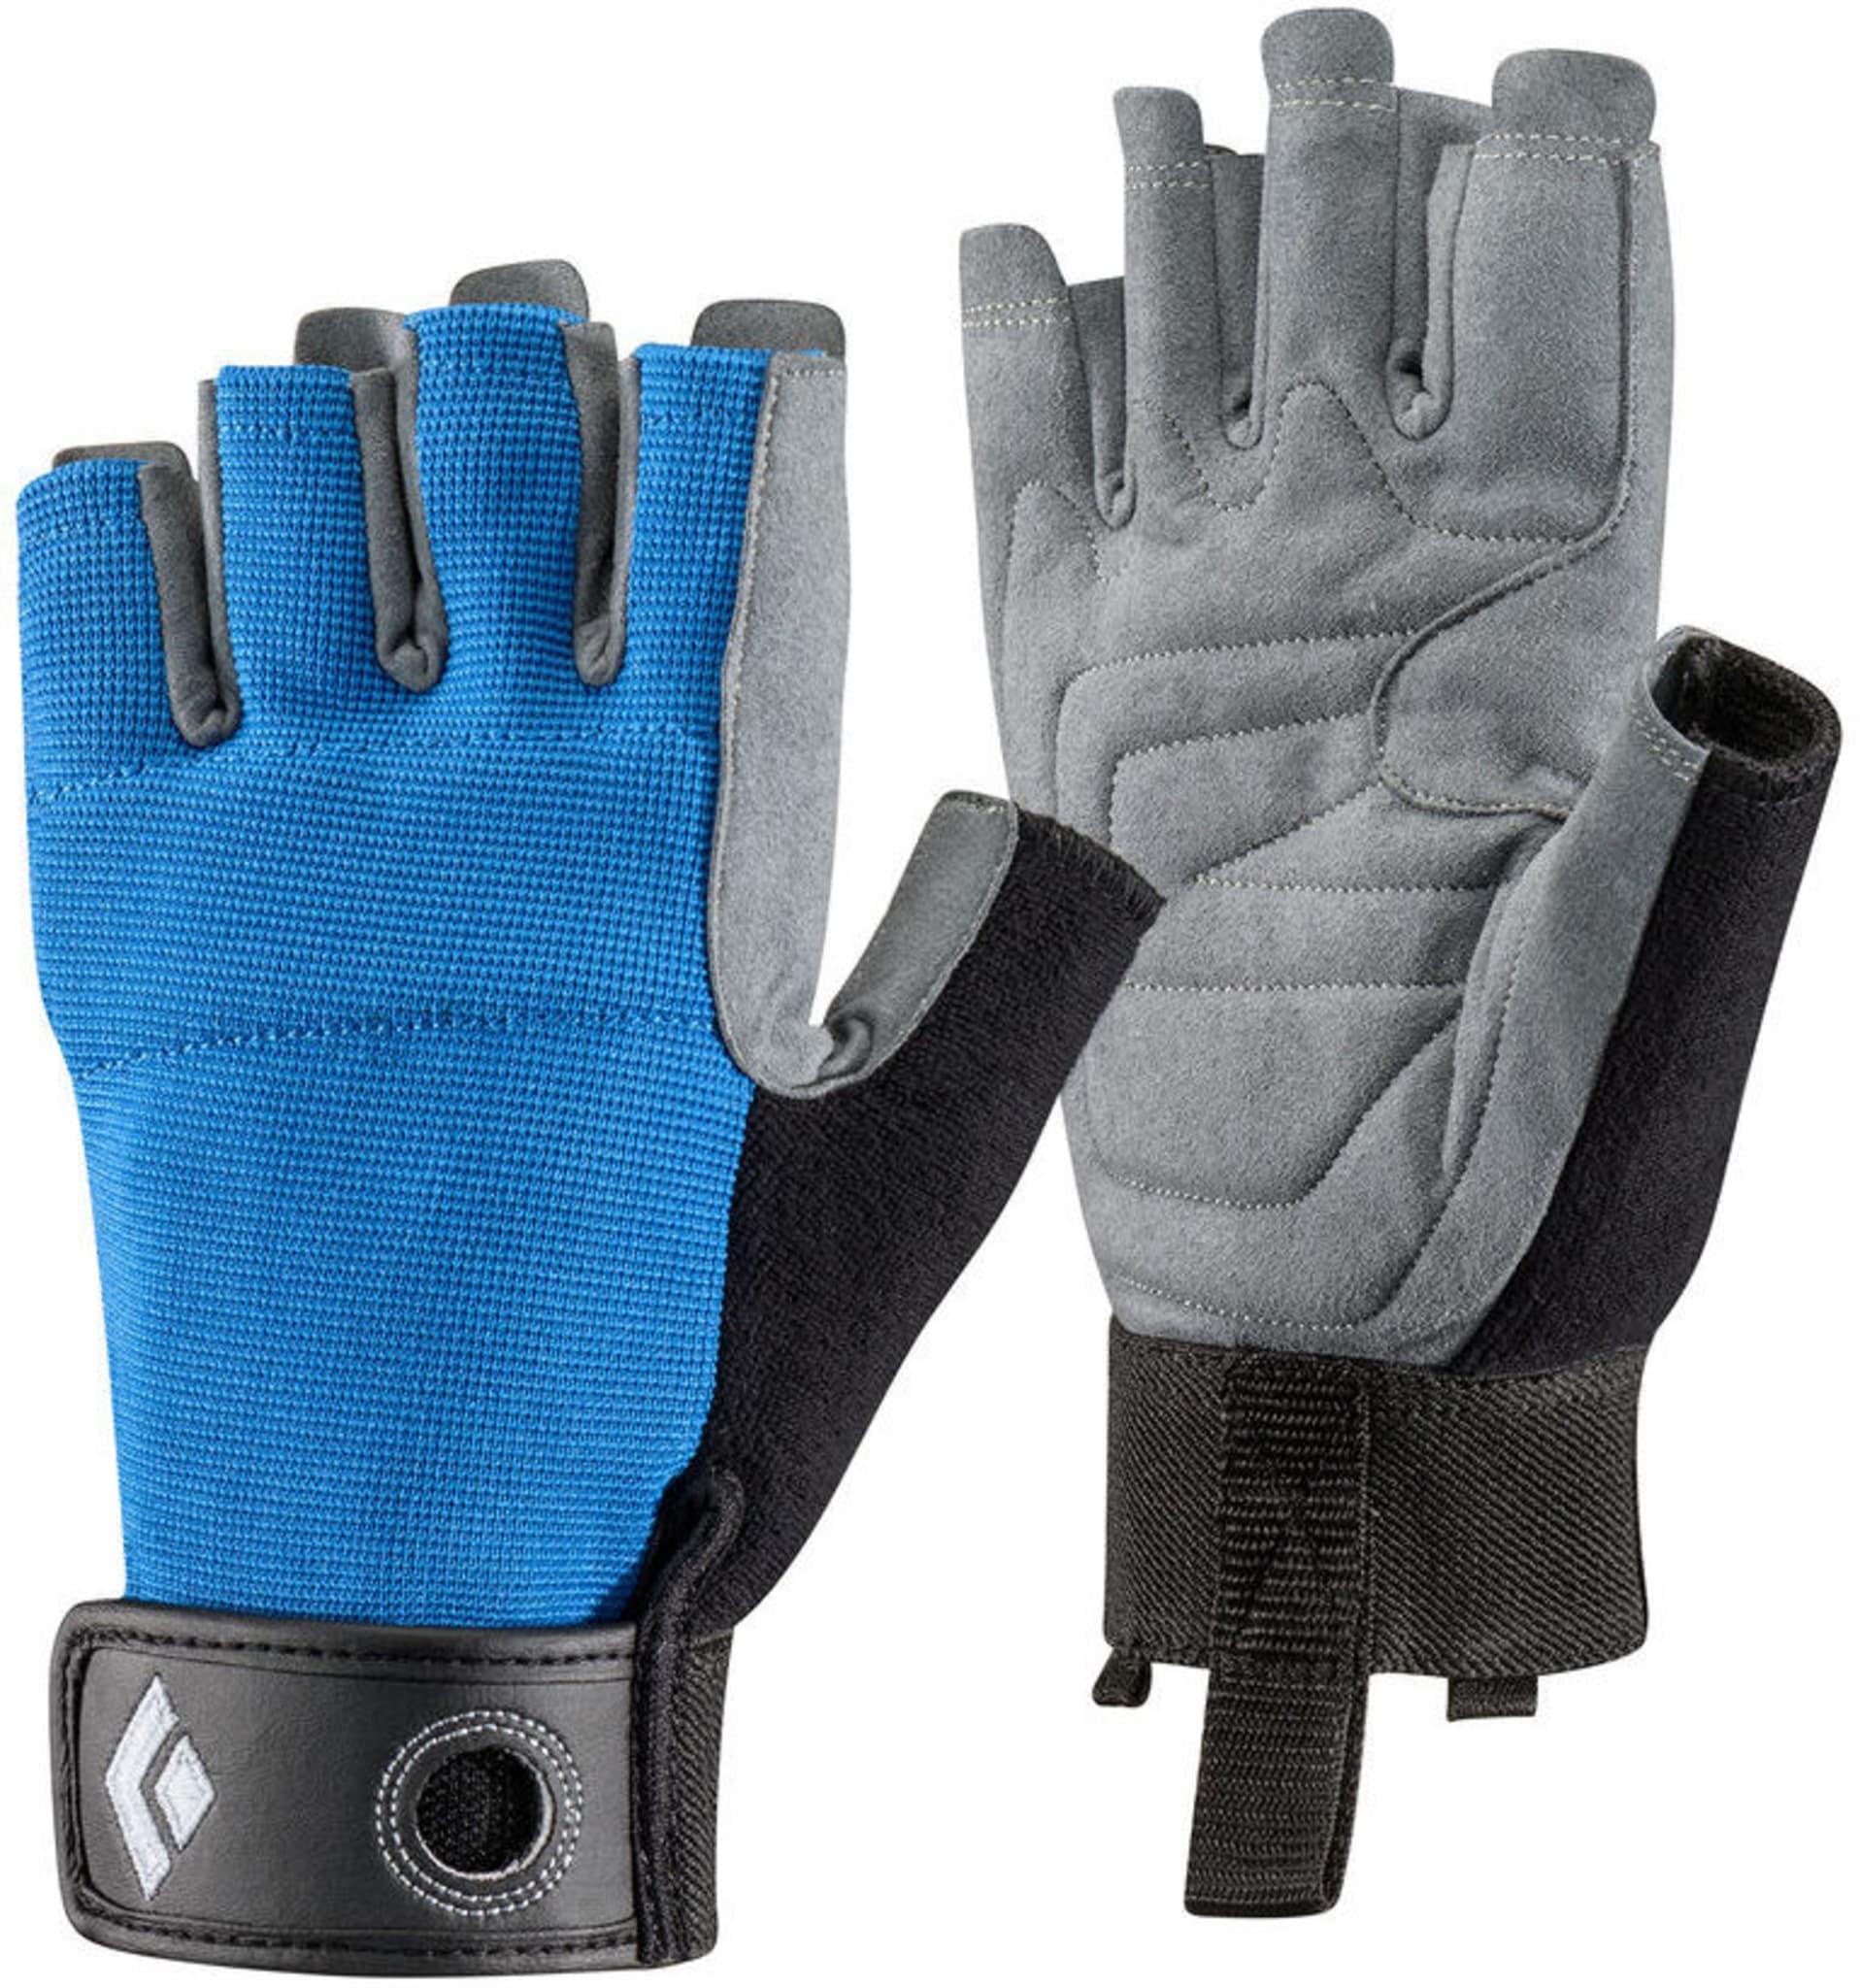 Lett, luftig og slitesterk fingerhanske for sikring, rappeller og annen taukontakt.